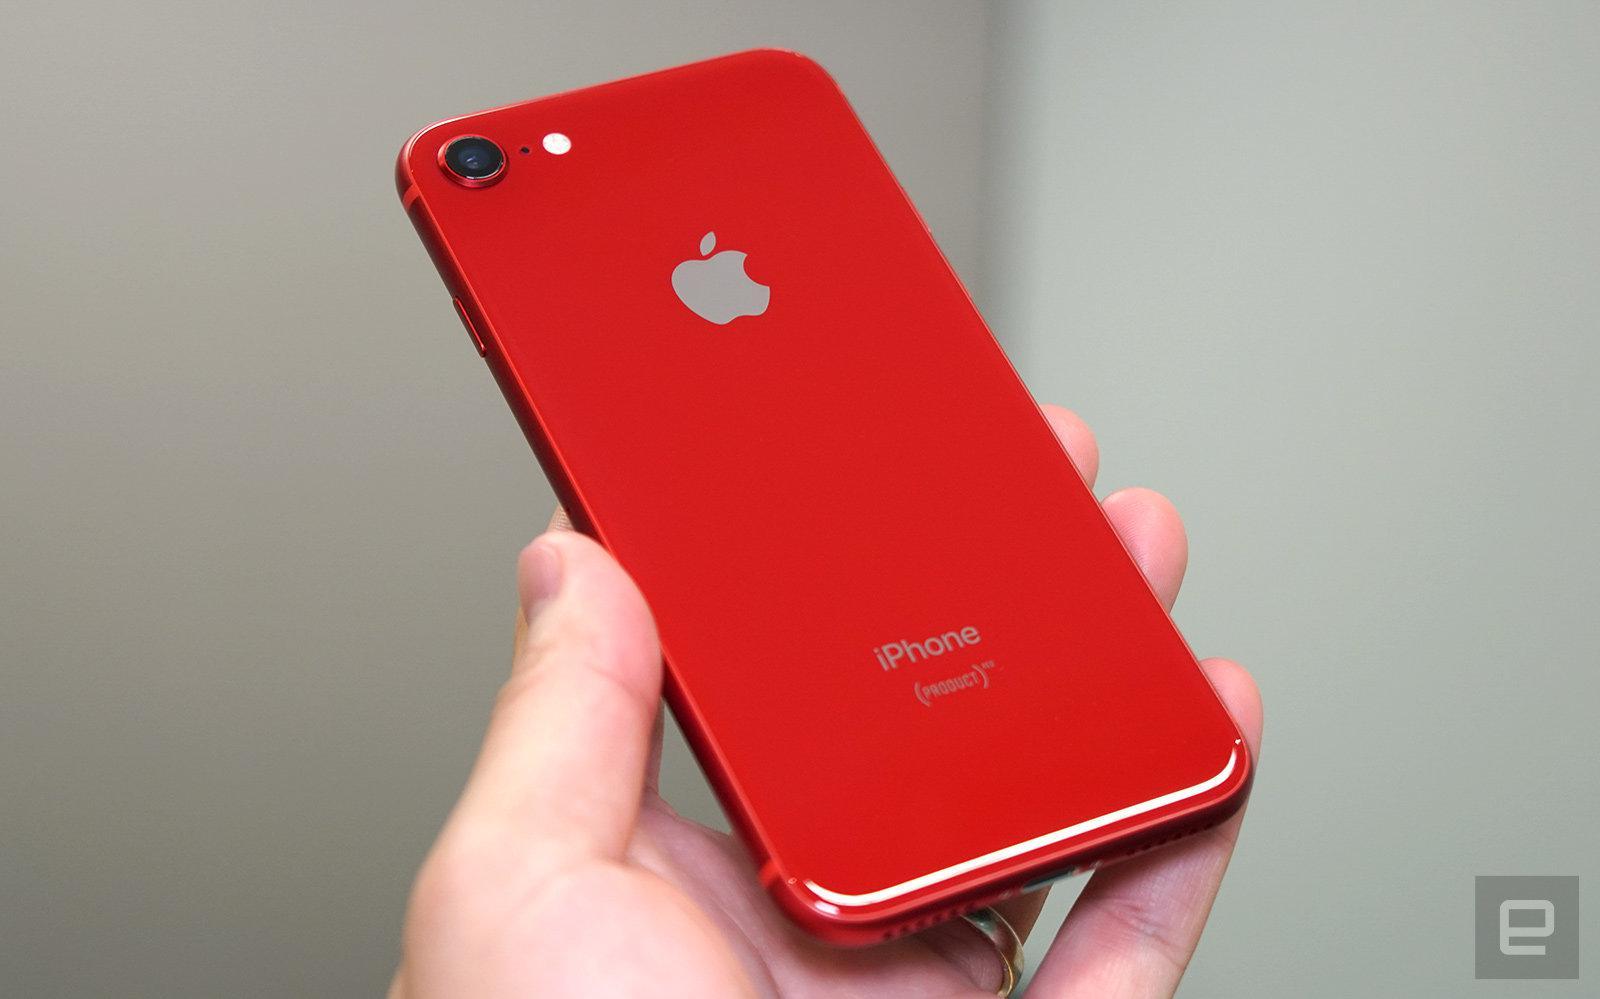 苹果下一代iPhone或将使用更先进的7nm制程的处理器